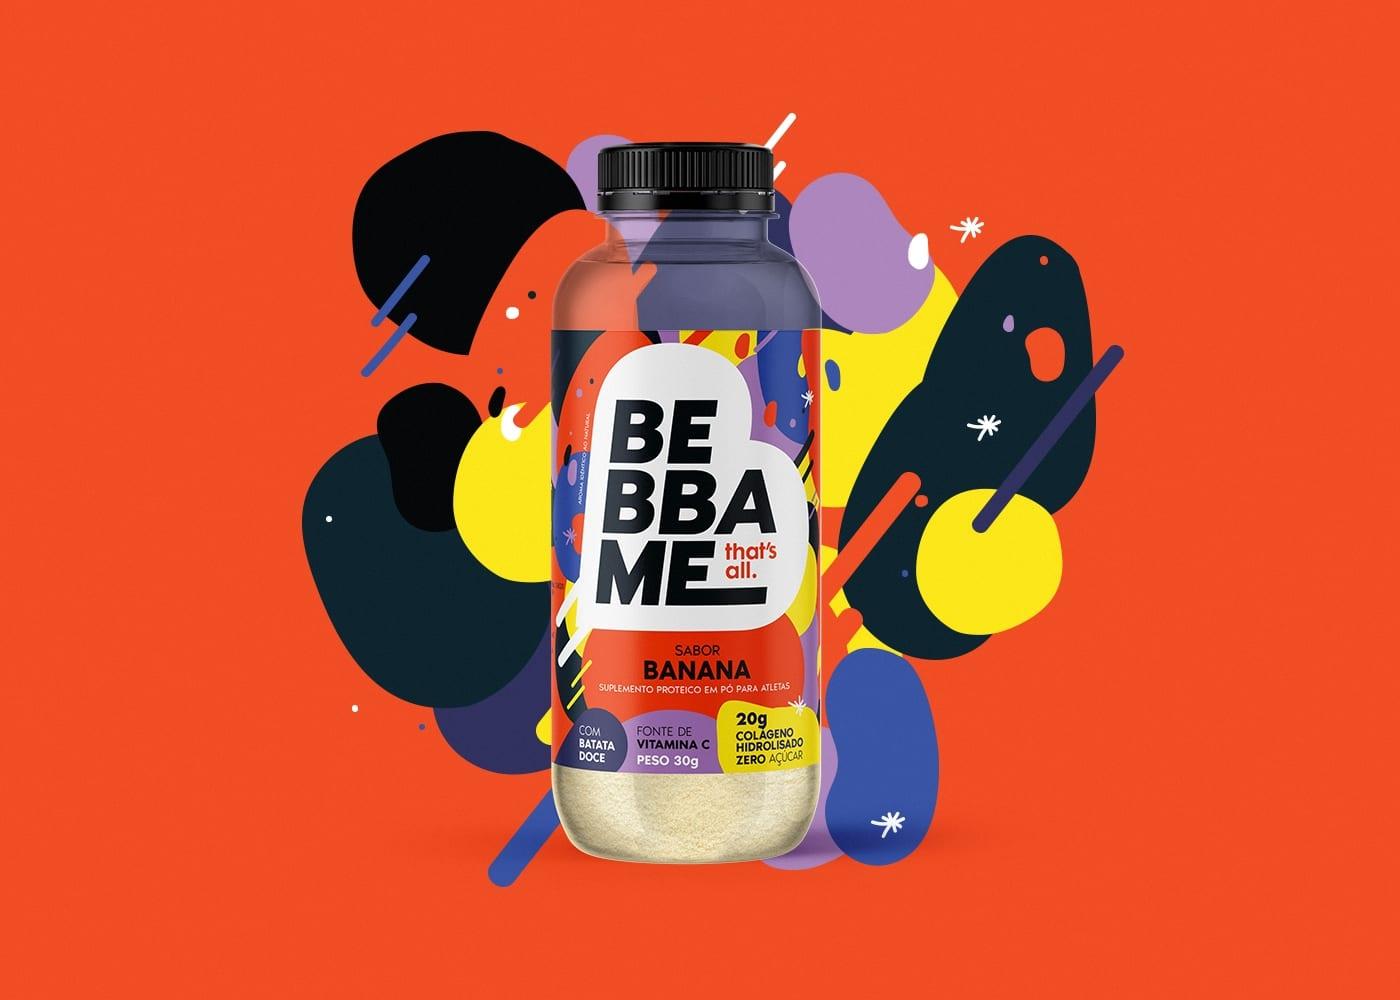 BEBBA ME 03 - Ach, tie obaly – BEBBA.ME